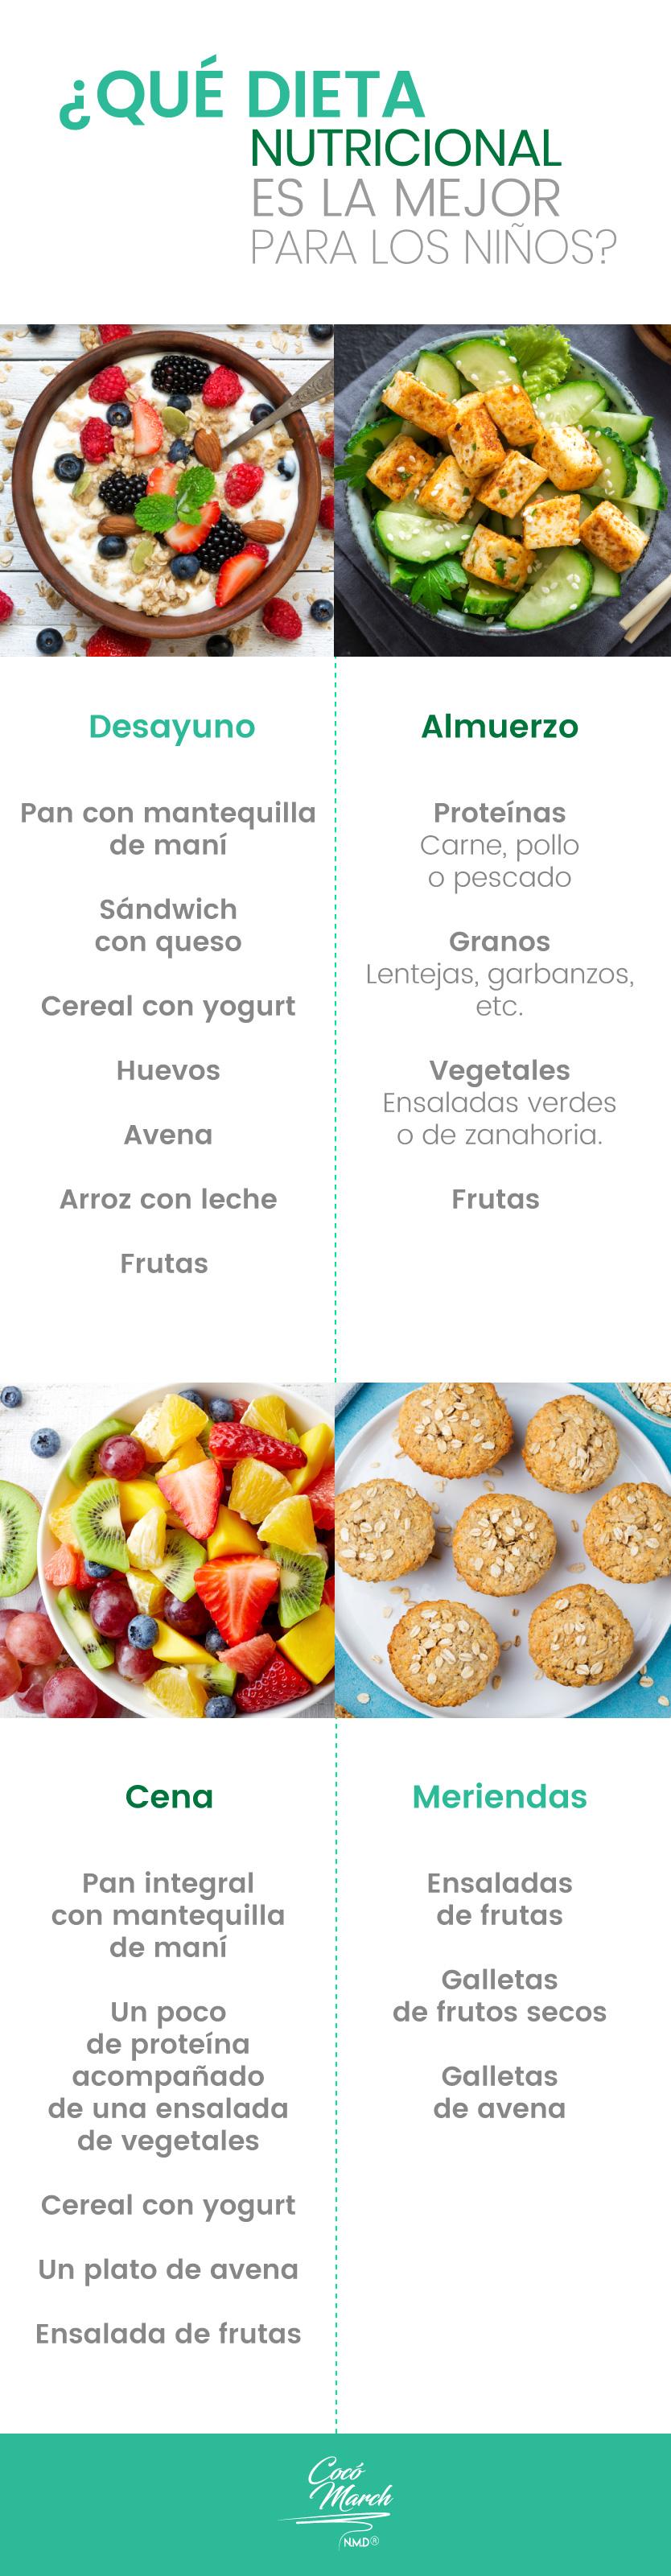 dieta-nutricional-para-los-niños